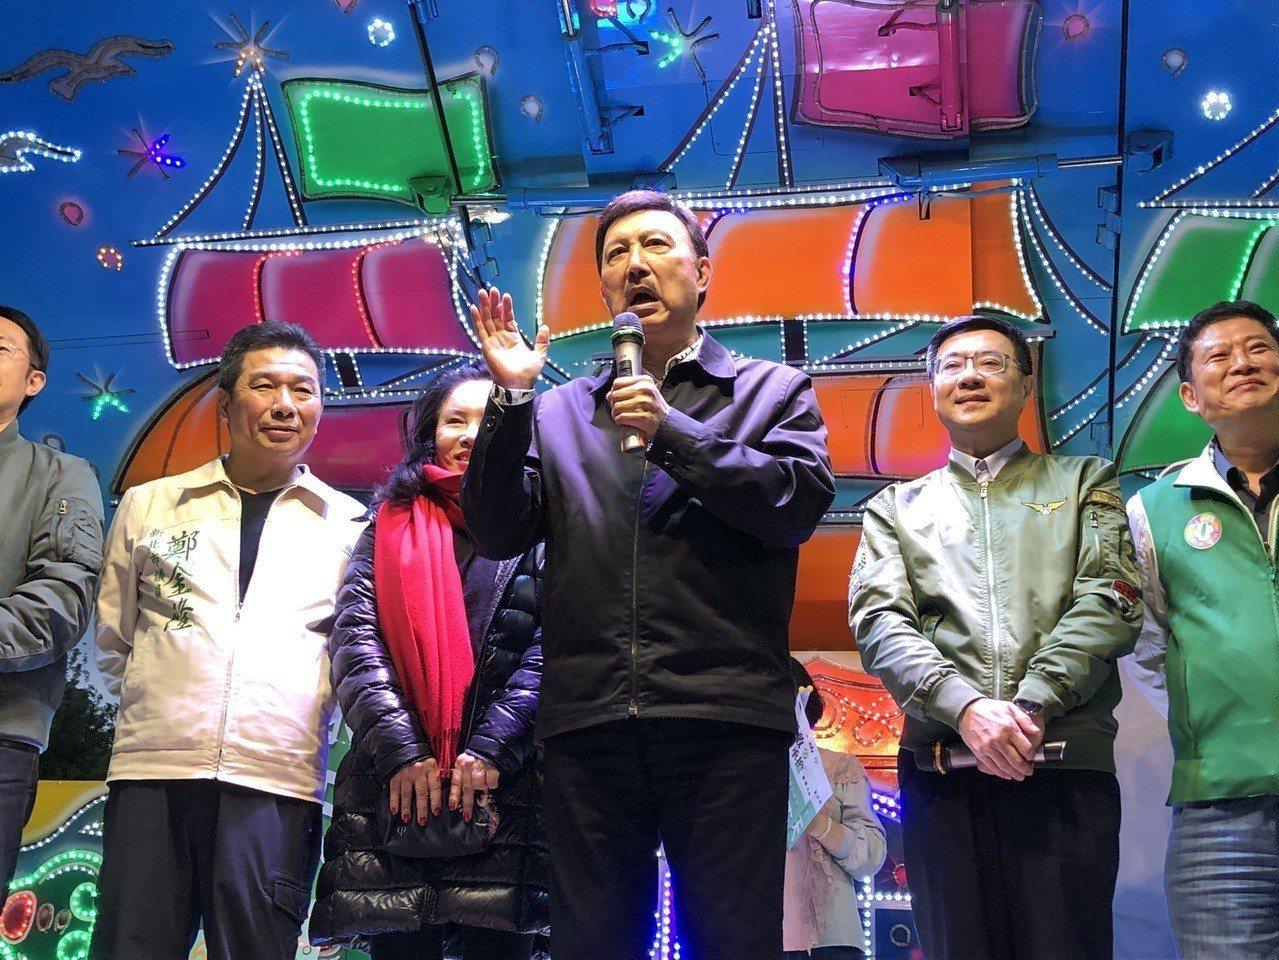 民進黨新北市三重立委補選候選人余天當選。記者王敏旭/攝影